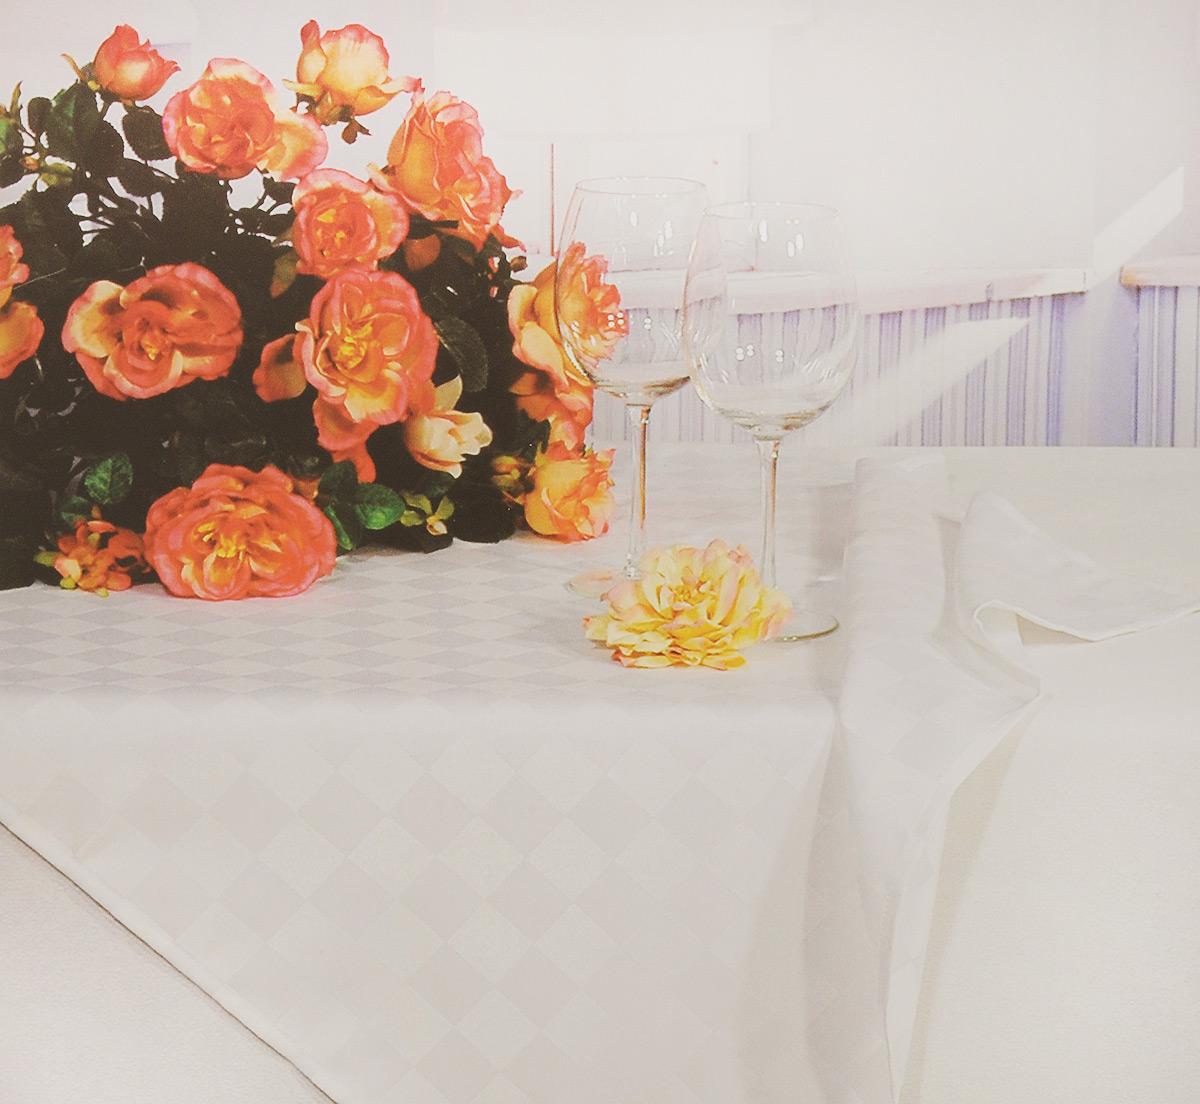 Скатерть Schaefer, прямоугольная, цвет: светло-бежевый, 160 x 220 см. 4169/FB.00VT-1520(SR)Прямоугольная скатерть Schaefer, выполненная из полиэстера с оригинальным рисунком, станет изысканным украшением кухонного стола. За текстилем из полиэстера очень легко ухаживать: он не мнется, не садится и быстро сохнет, легко стирается, более долговечен, чем текстиль из натуральных волокон.Использование такой скатерти сделает застолье торжественным, поднимет настроение гостей и приятно удивит их вашим изысканным вкусом. Также вы можете использовать эту скатерть для повседневной трапезы, превратив каждый прием пищи в волшебный праздник и веселье. Это текстильное изделие станет изысканным украшением вашего дома!